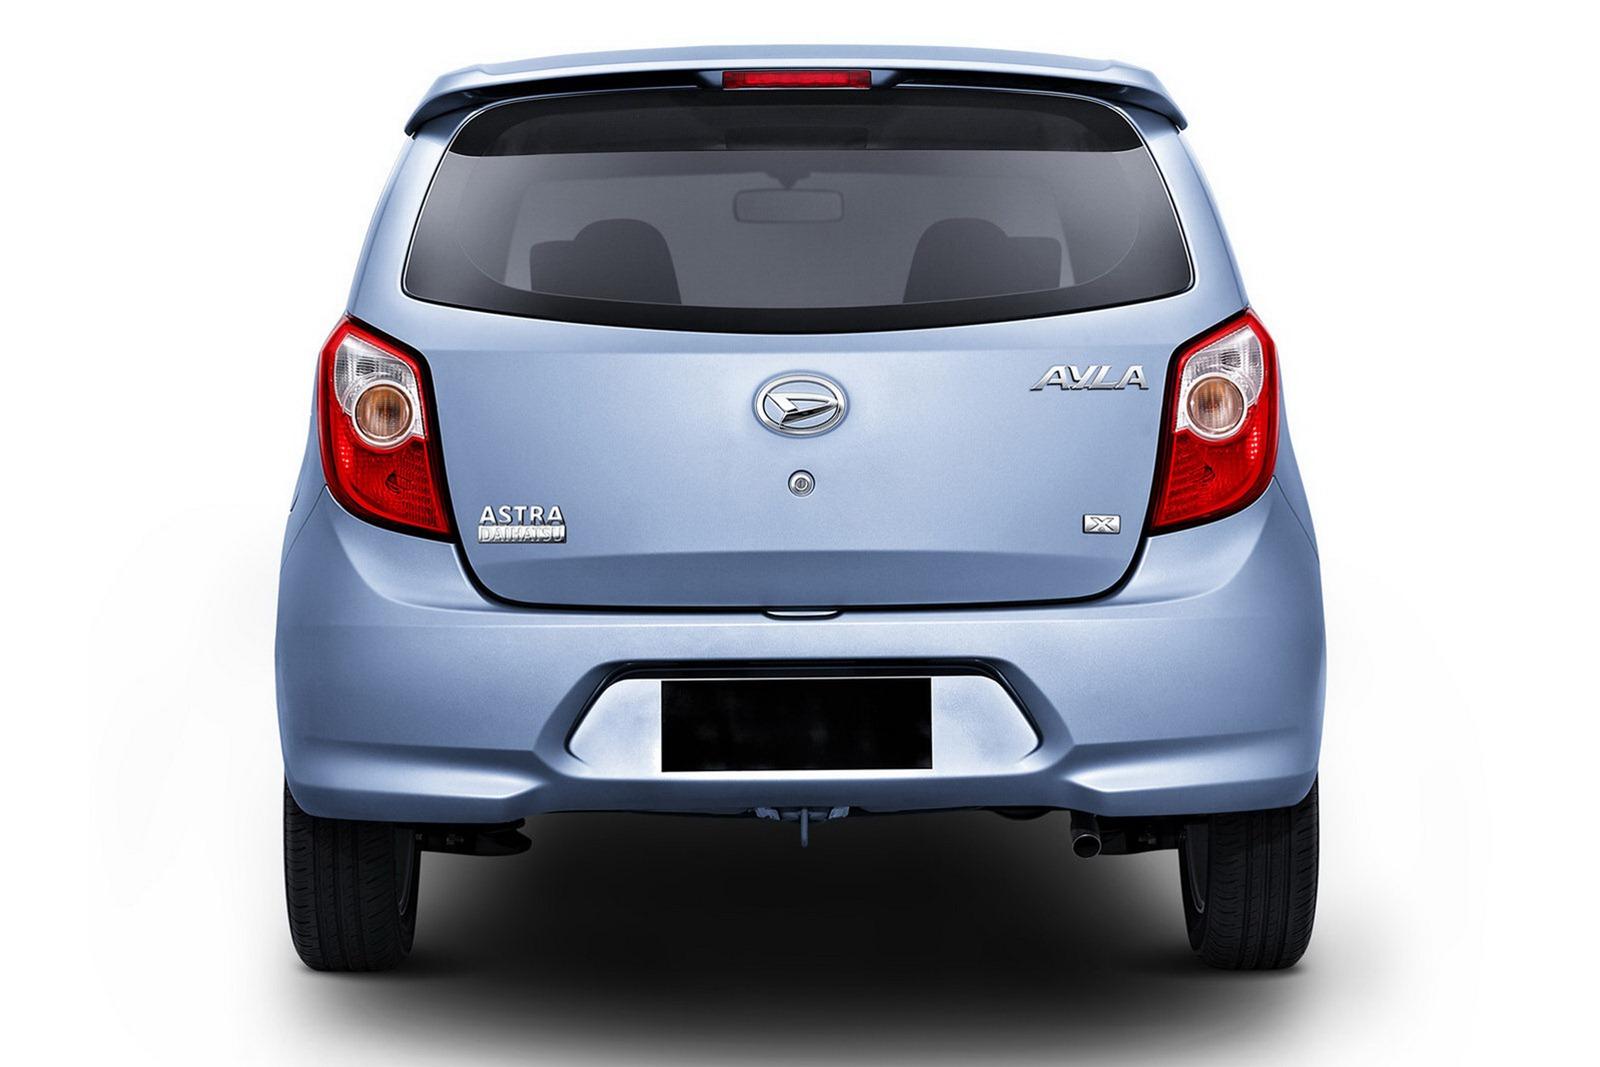 1392352880daihatsu-ayla-and-toyota-agya-sister-cars-launched-at